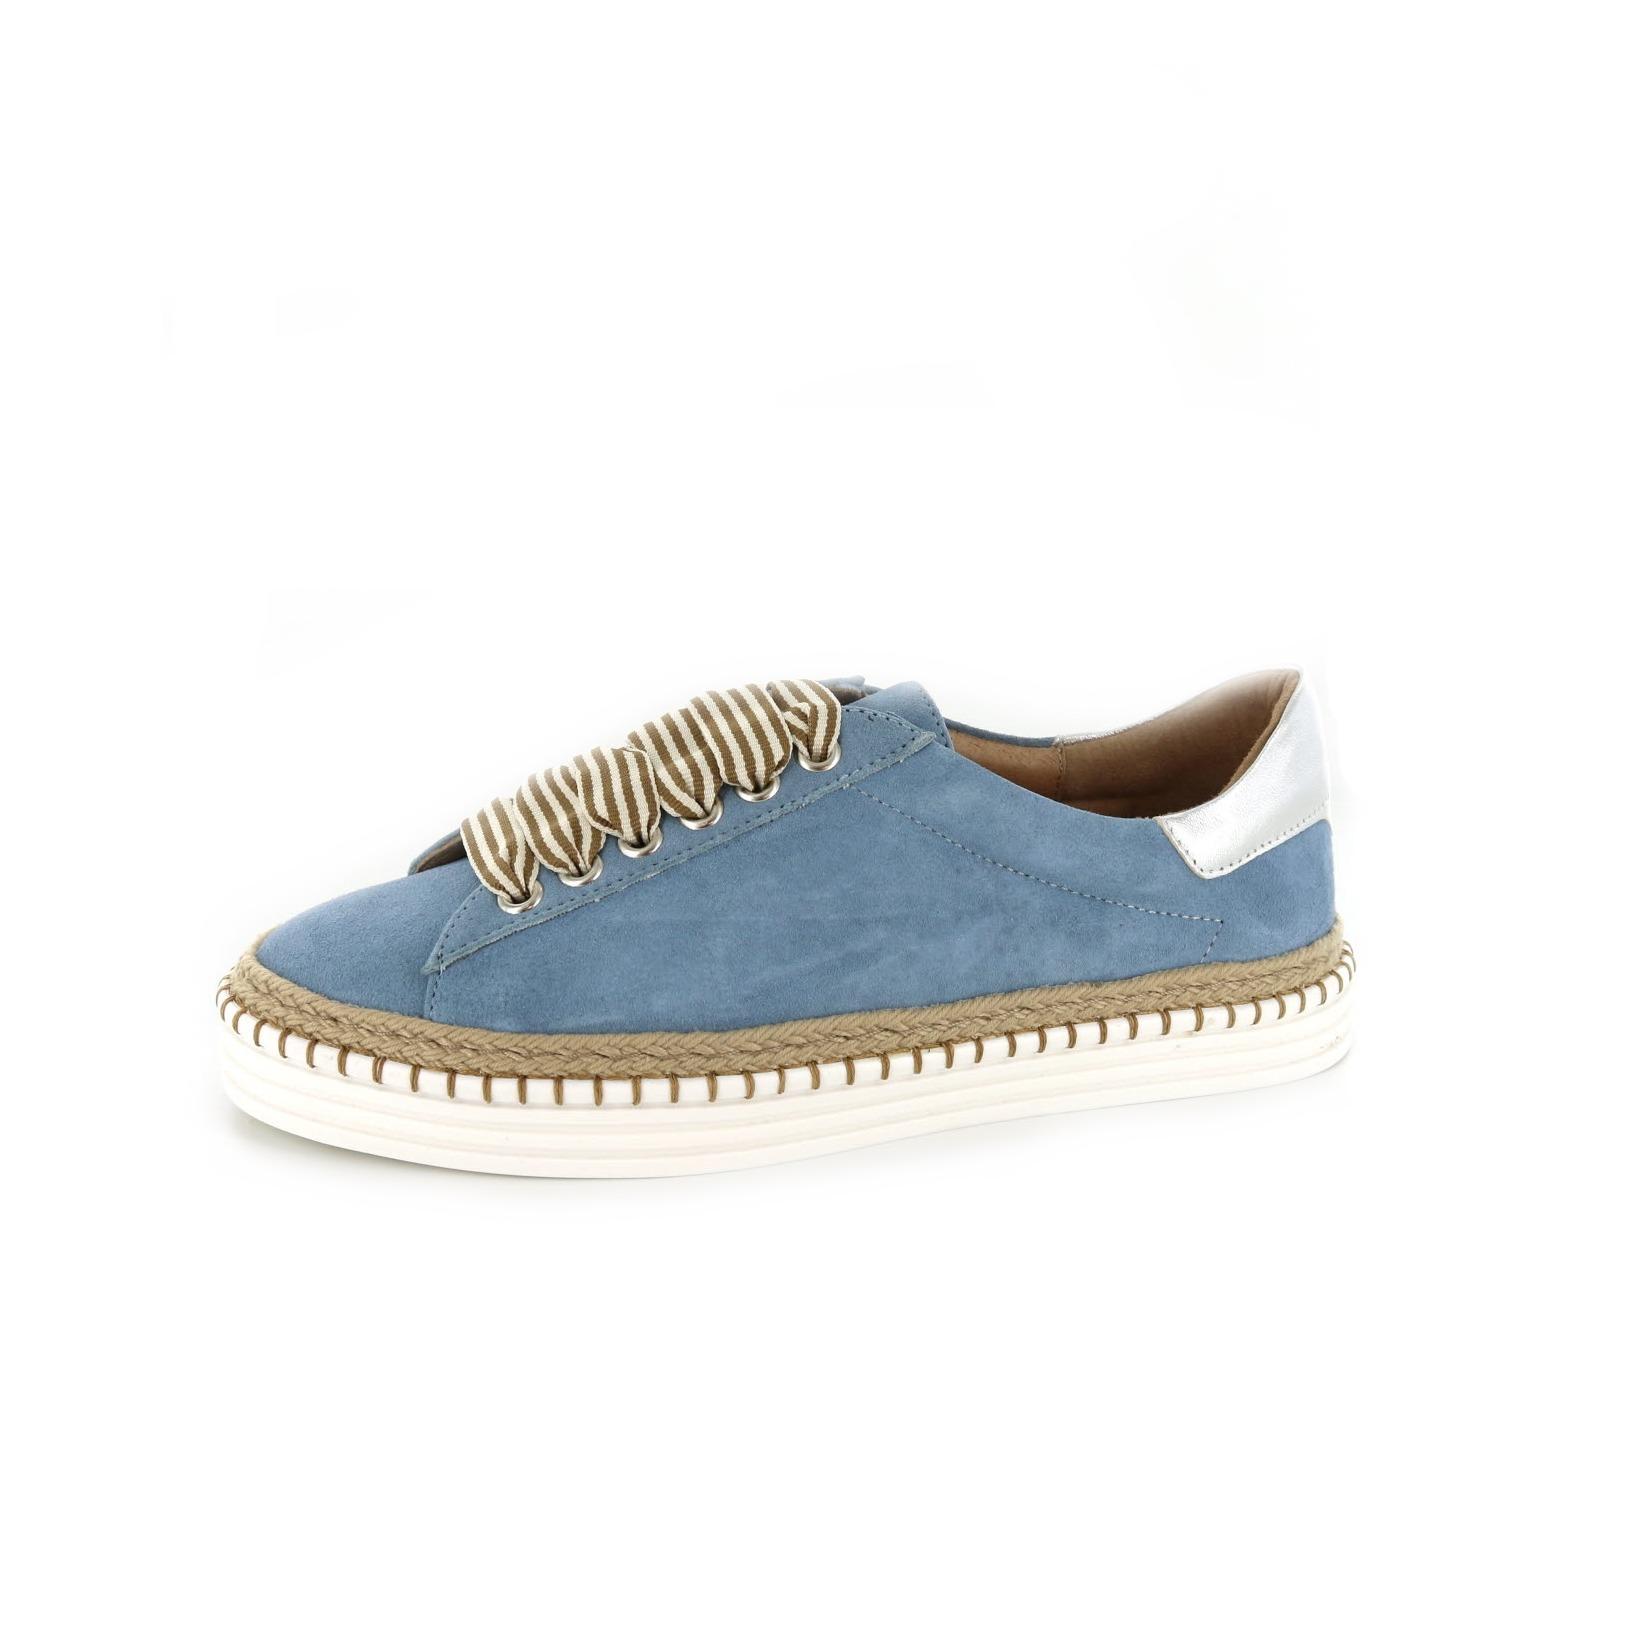 Conchisa / Chaussures De Dentelle - Chaussures De Sport, Bleu Clair